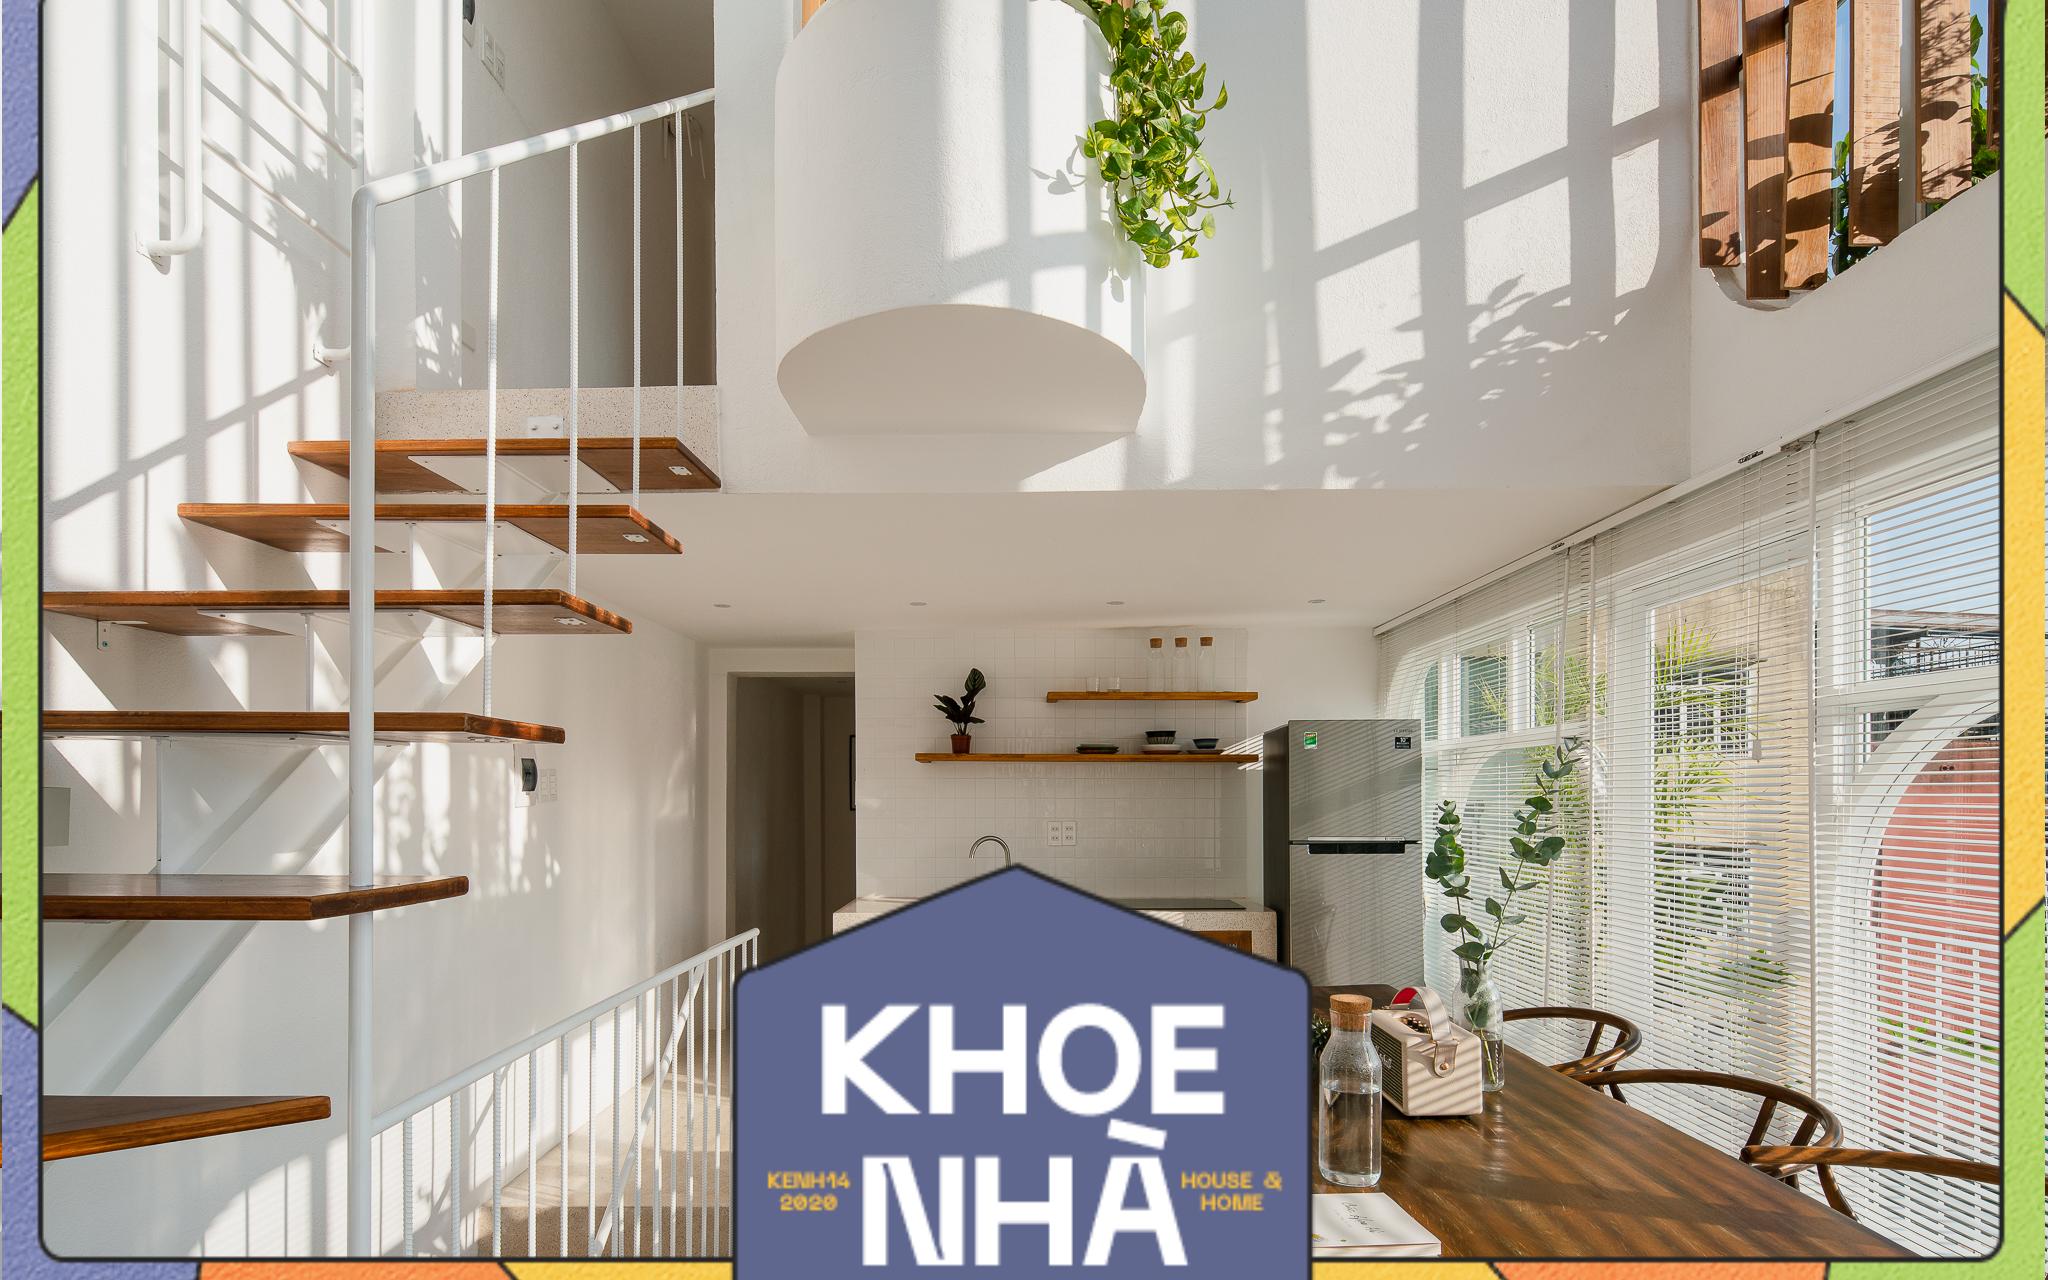 Lên Đà Lạt, cặp vợ chồng Sài Gòn xây ngôi nhà trắng tinh khôi theo phong cách